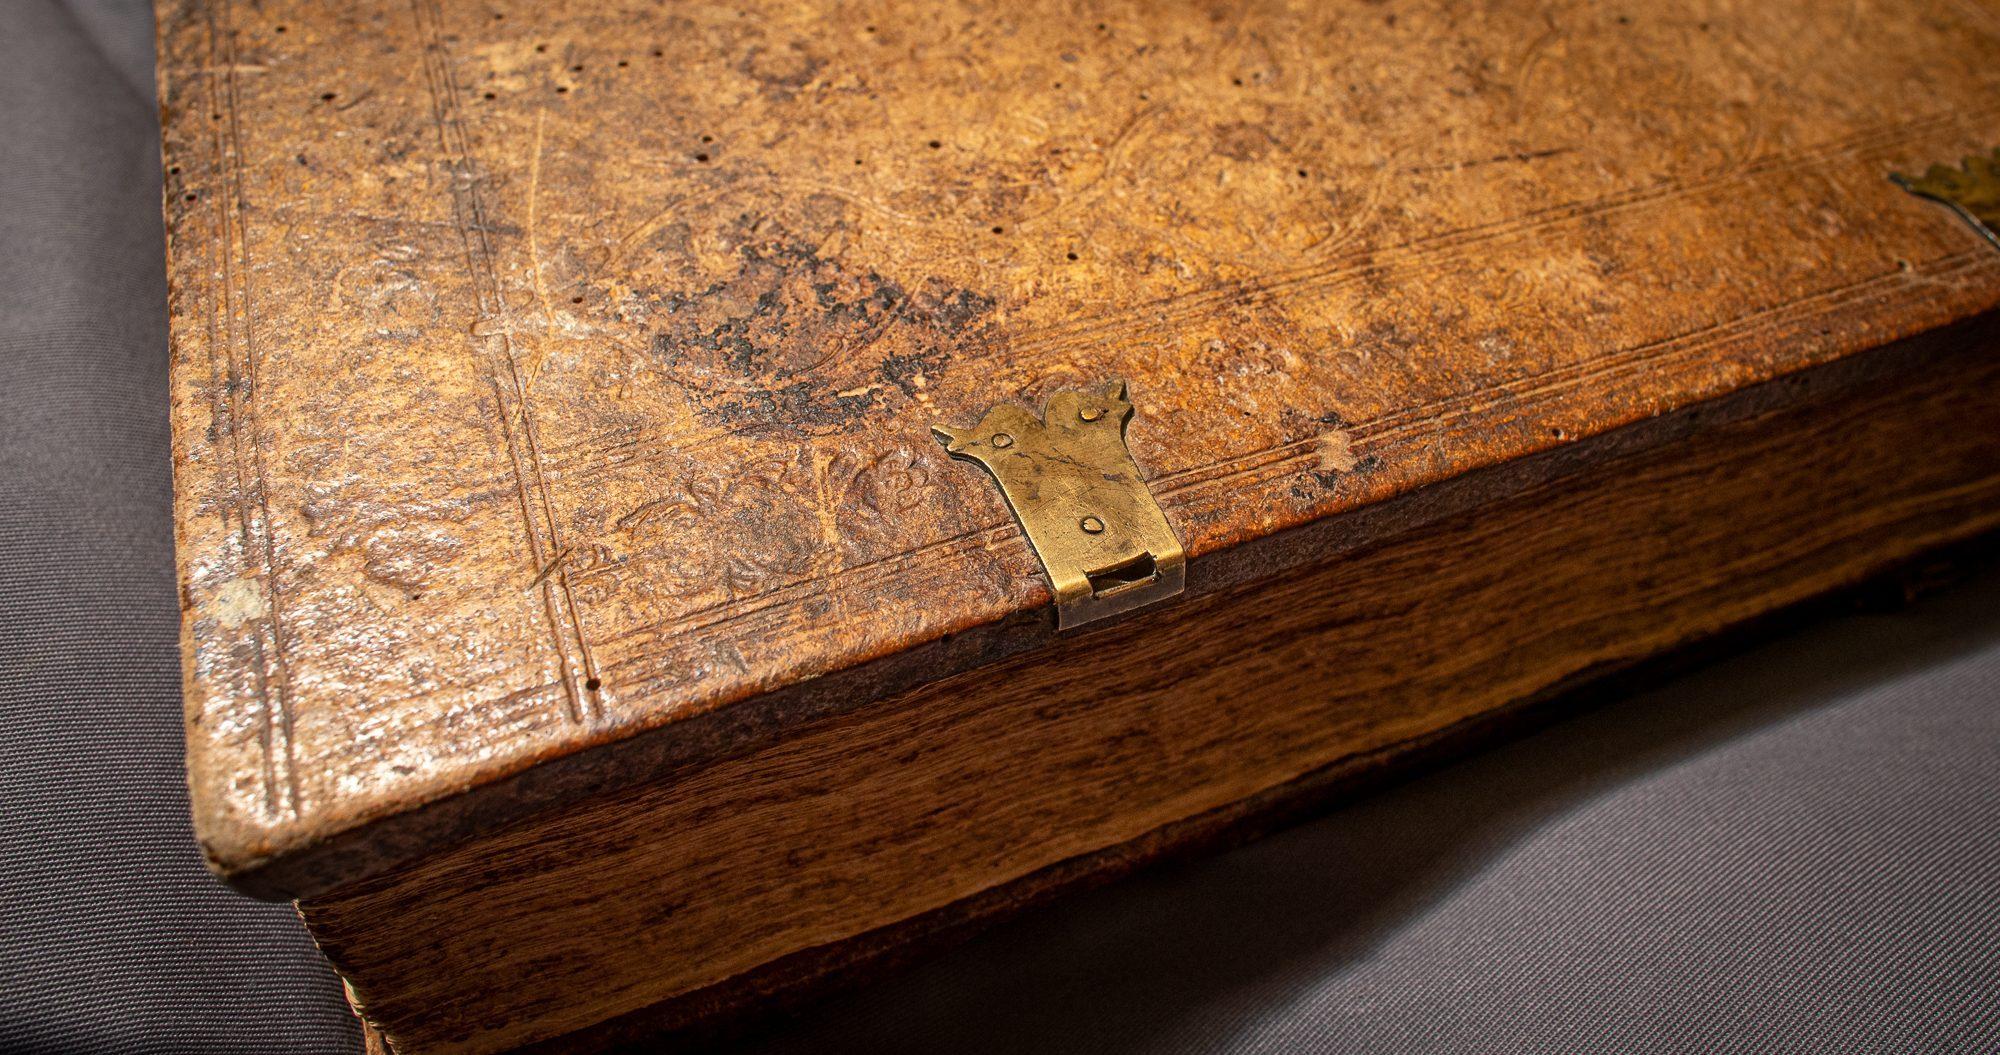 Stephen Butler Rare Books